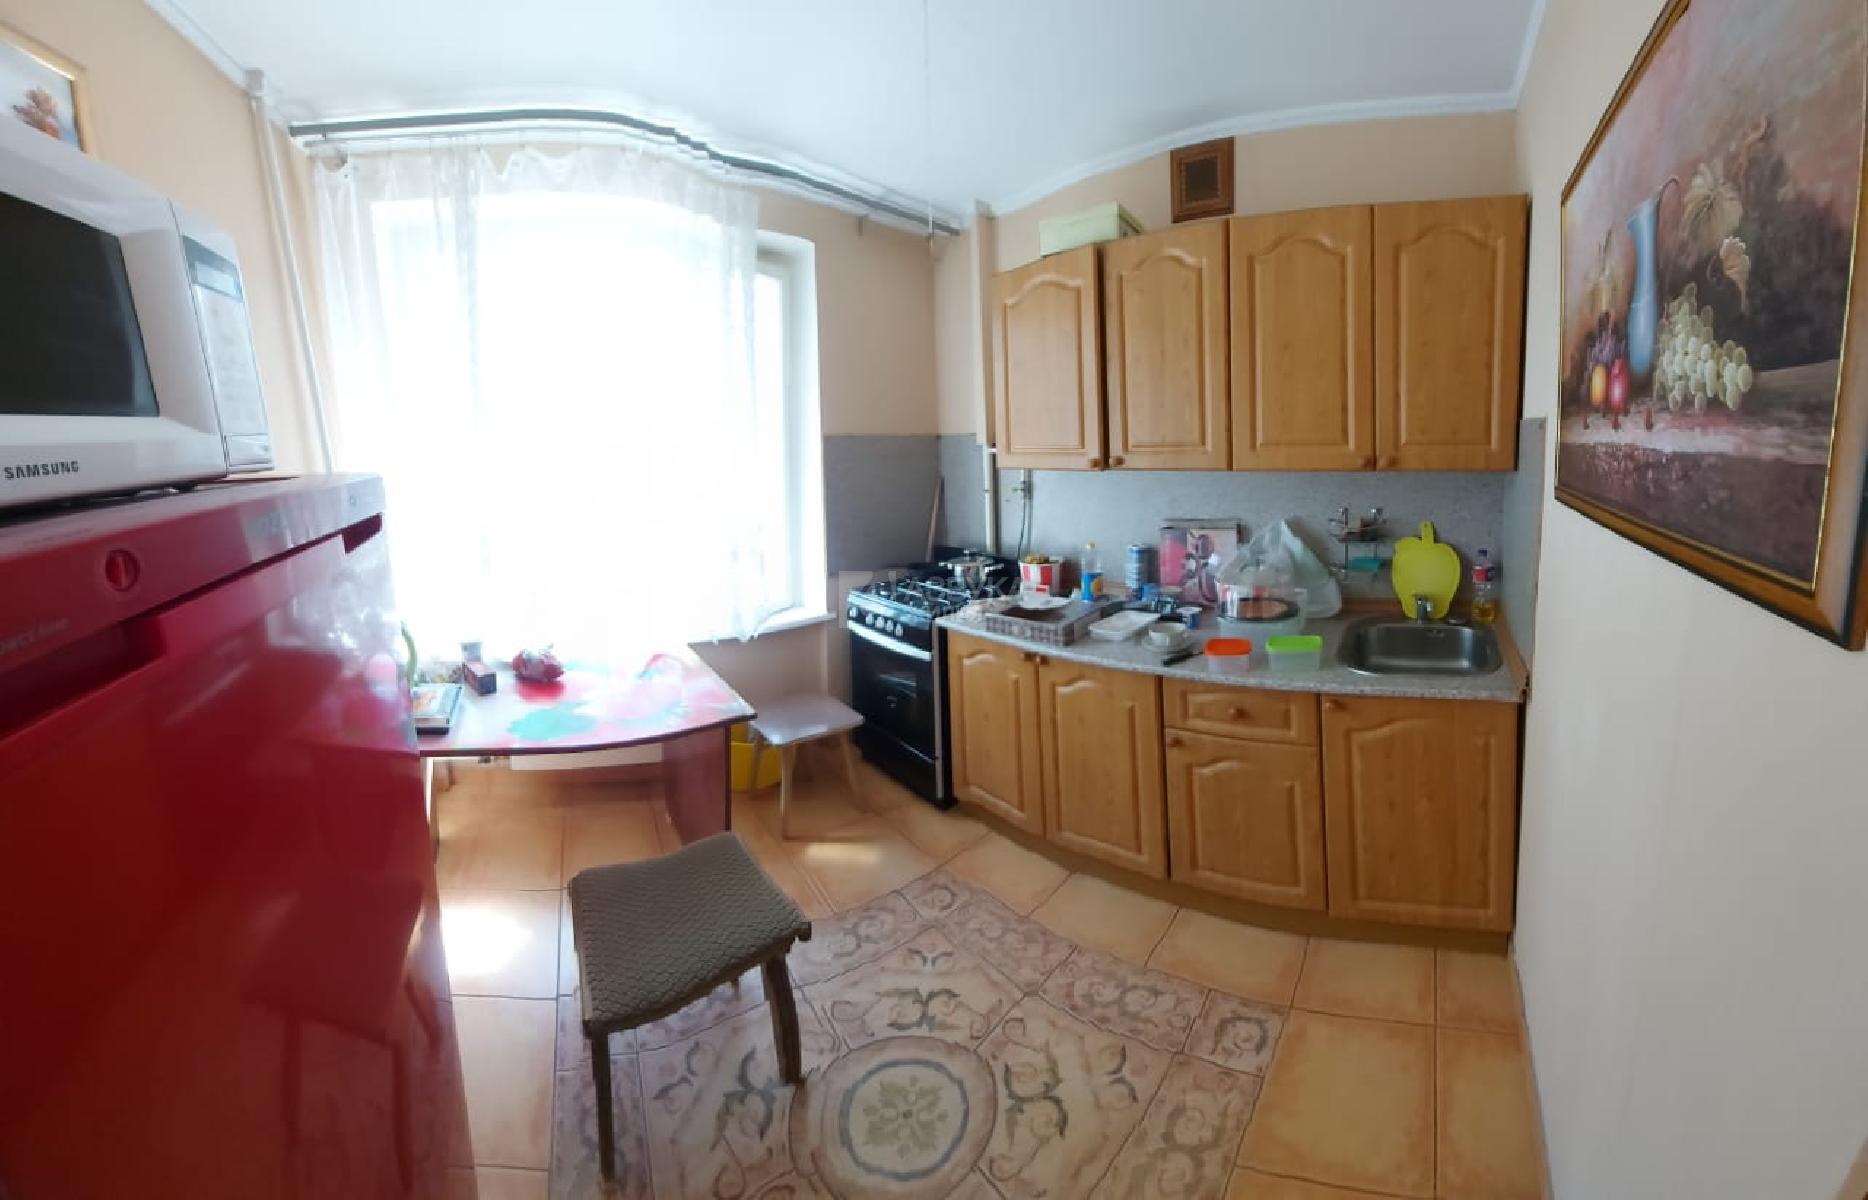 Фото №1 - 2-комнатная квартира, Москва, Рязанский проспект 95 корпус 1, метро Выхино